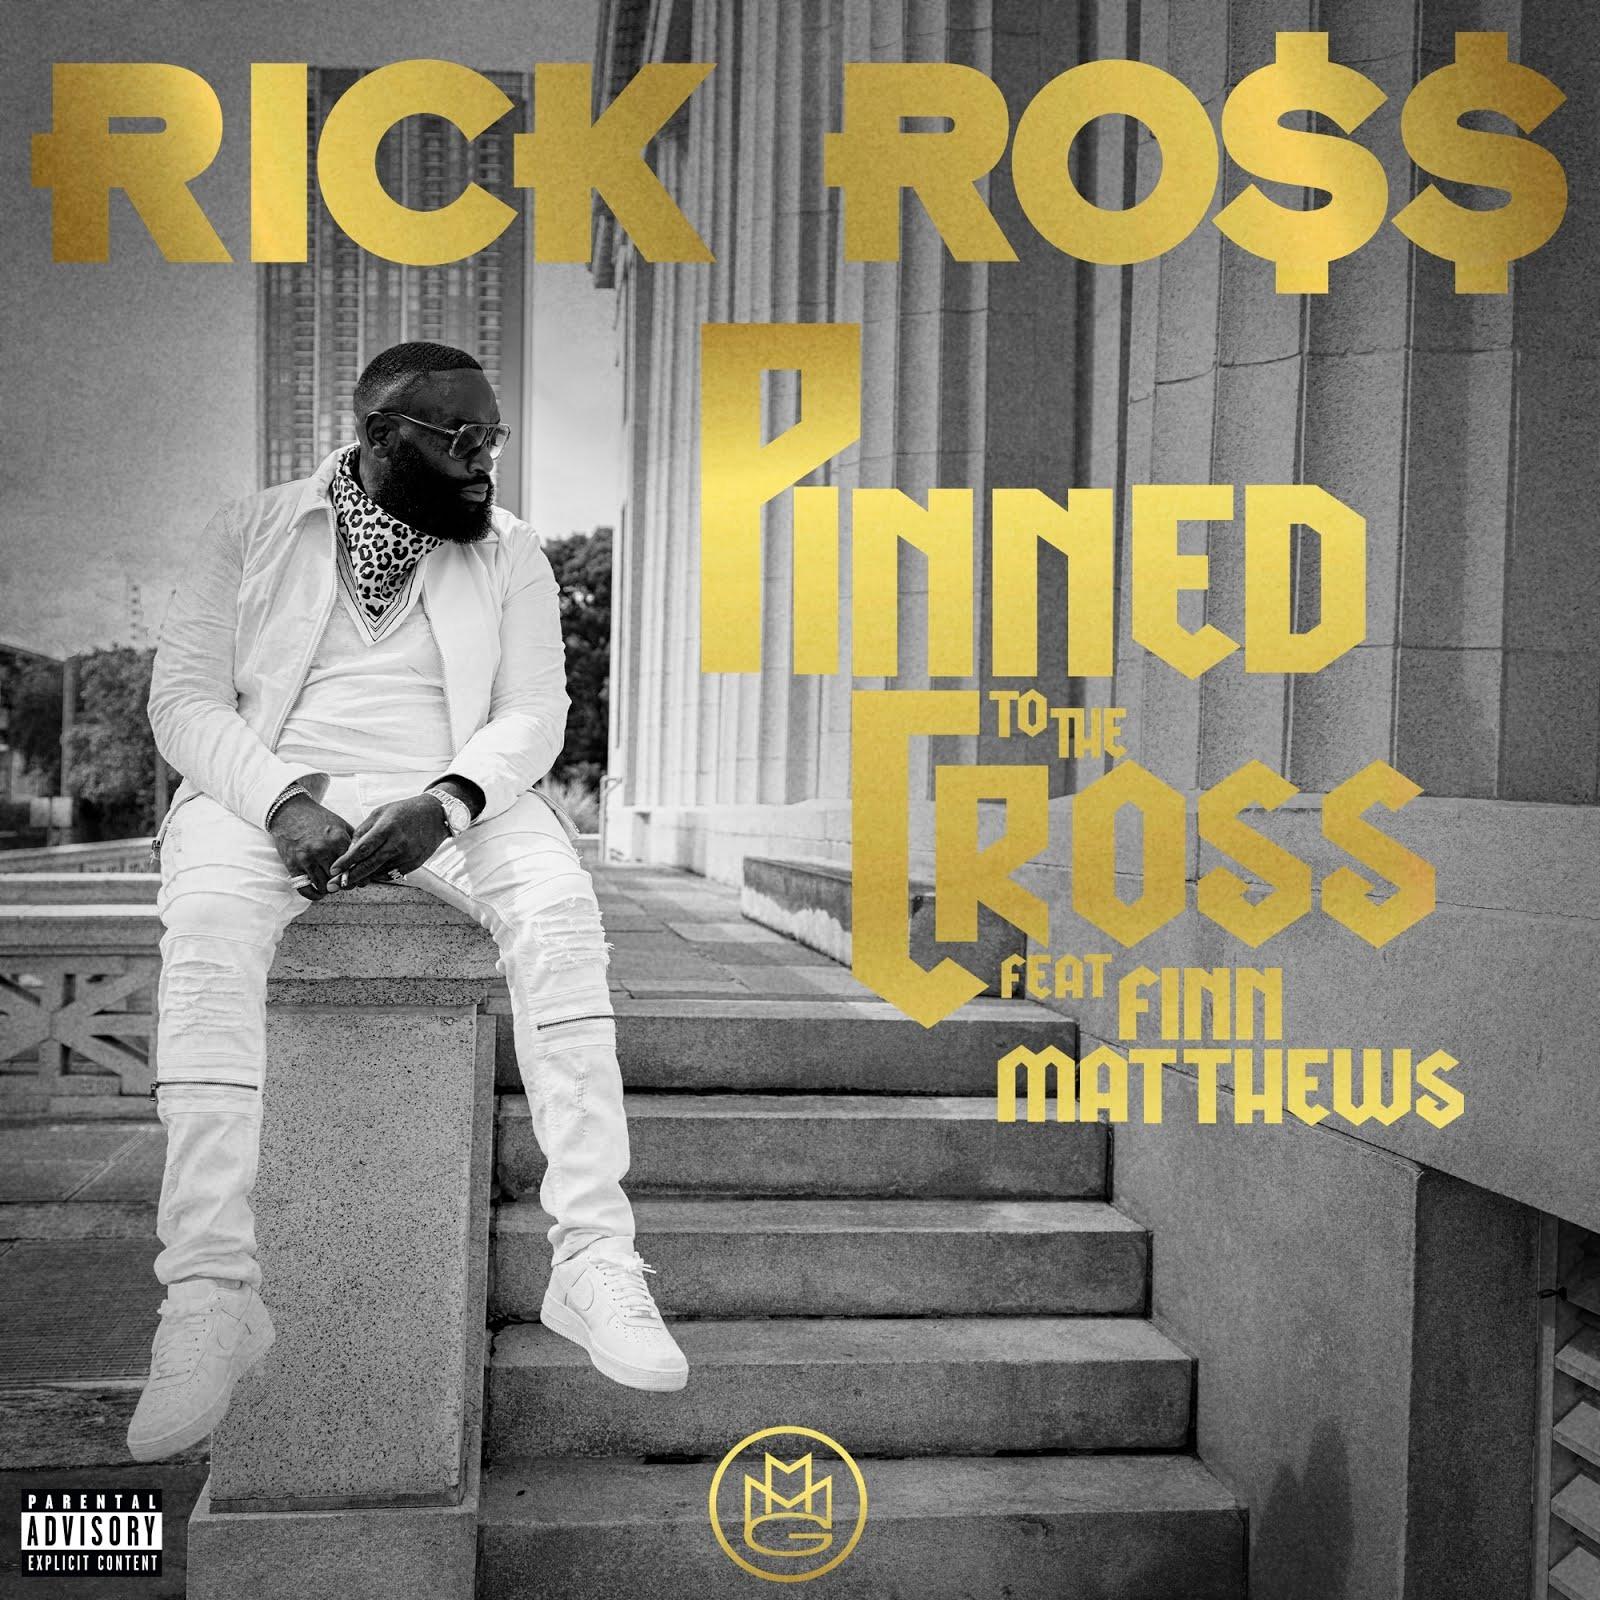 Rick Ross - Pinned to the Cross (feat. Finn Matthews)